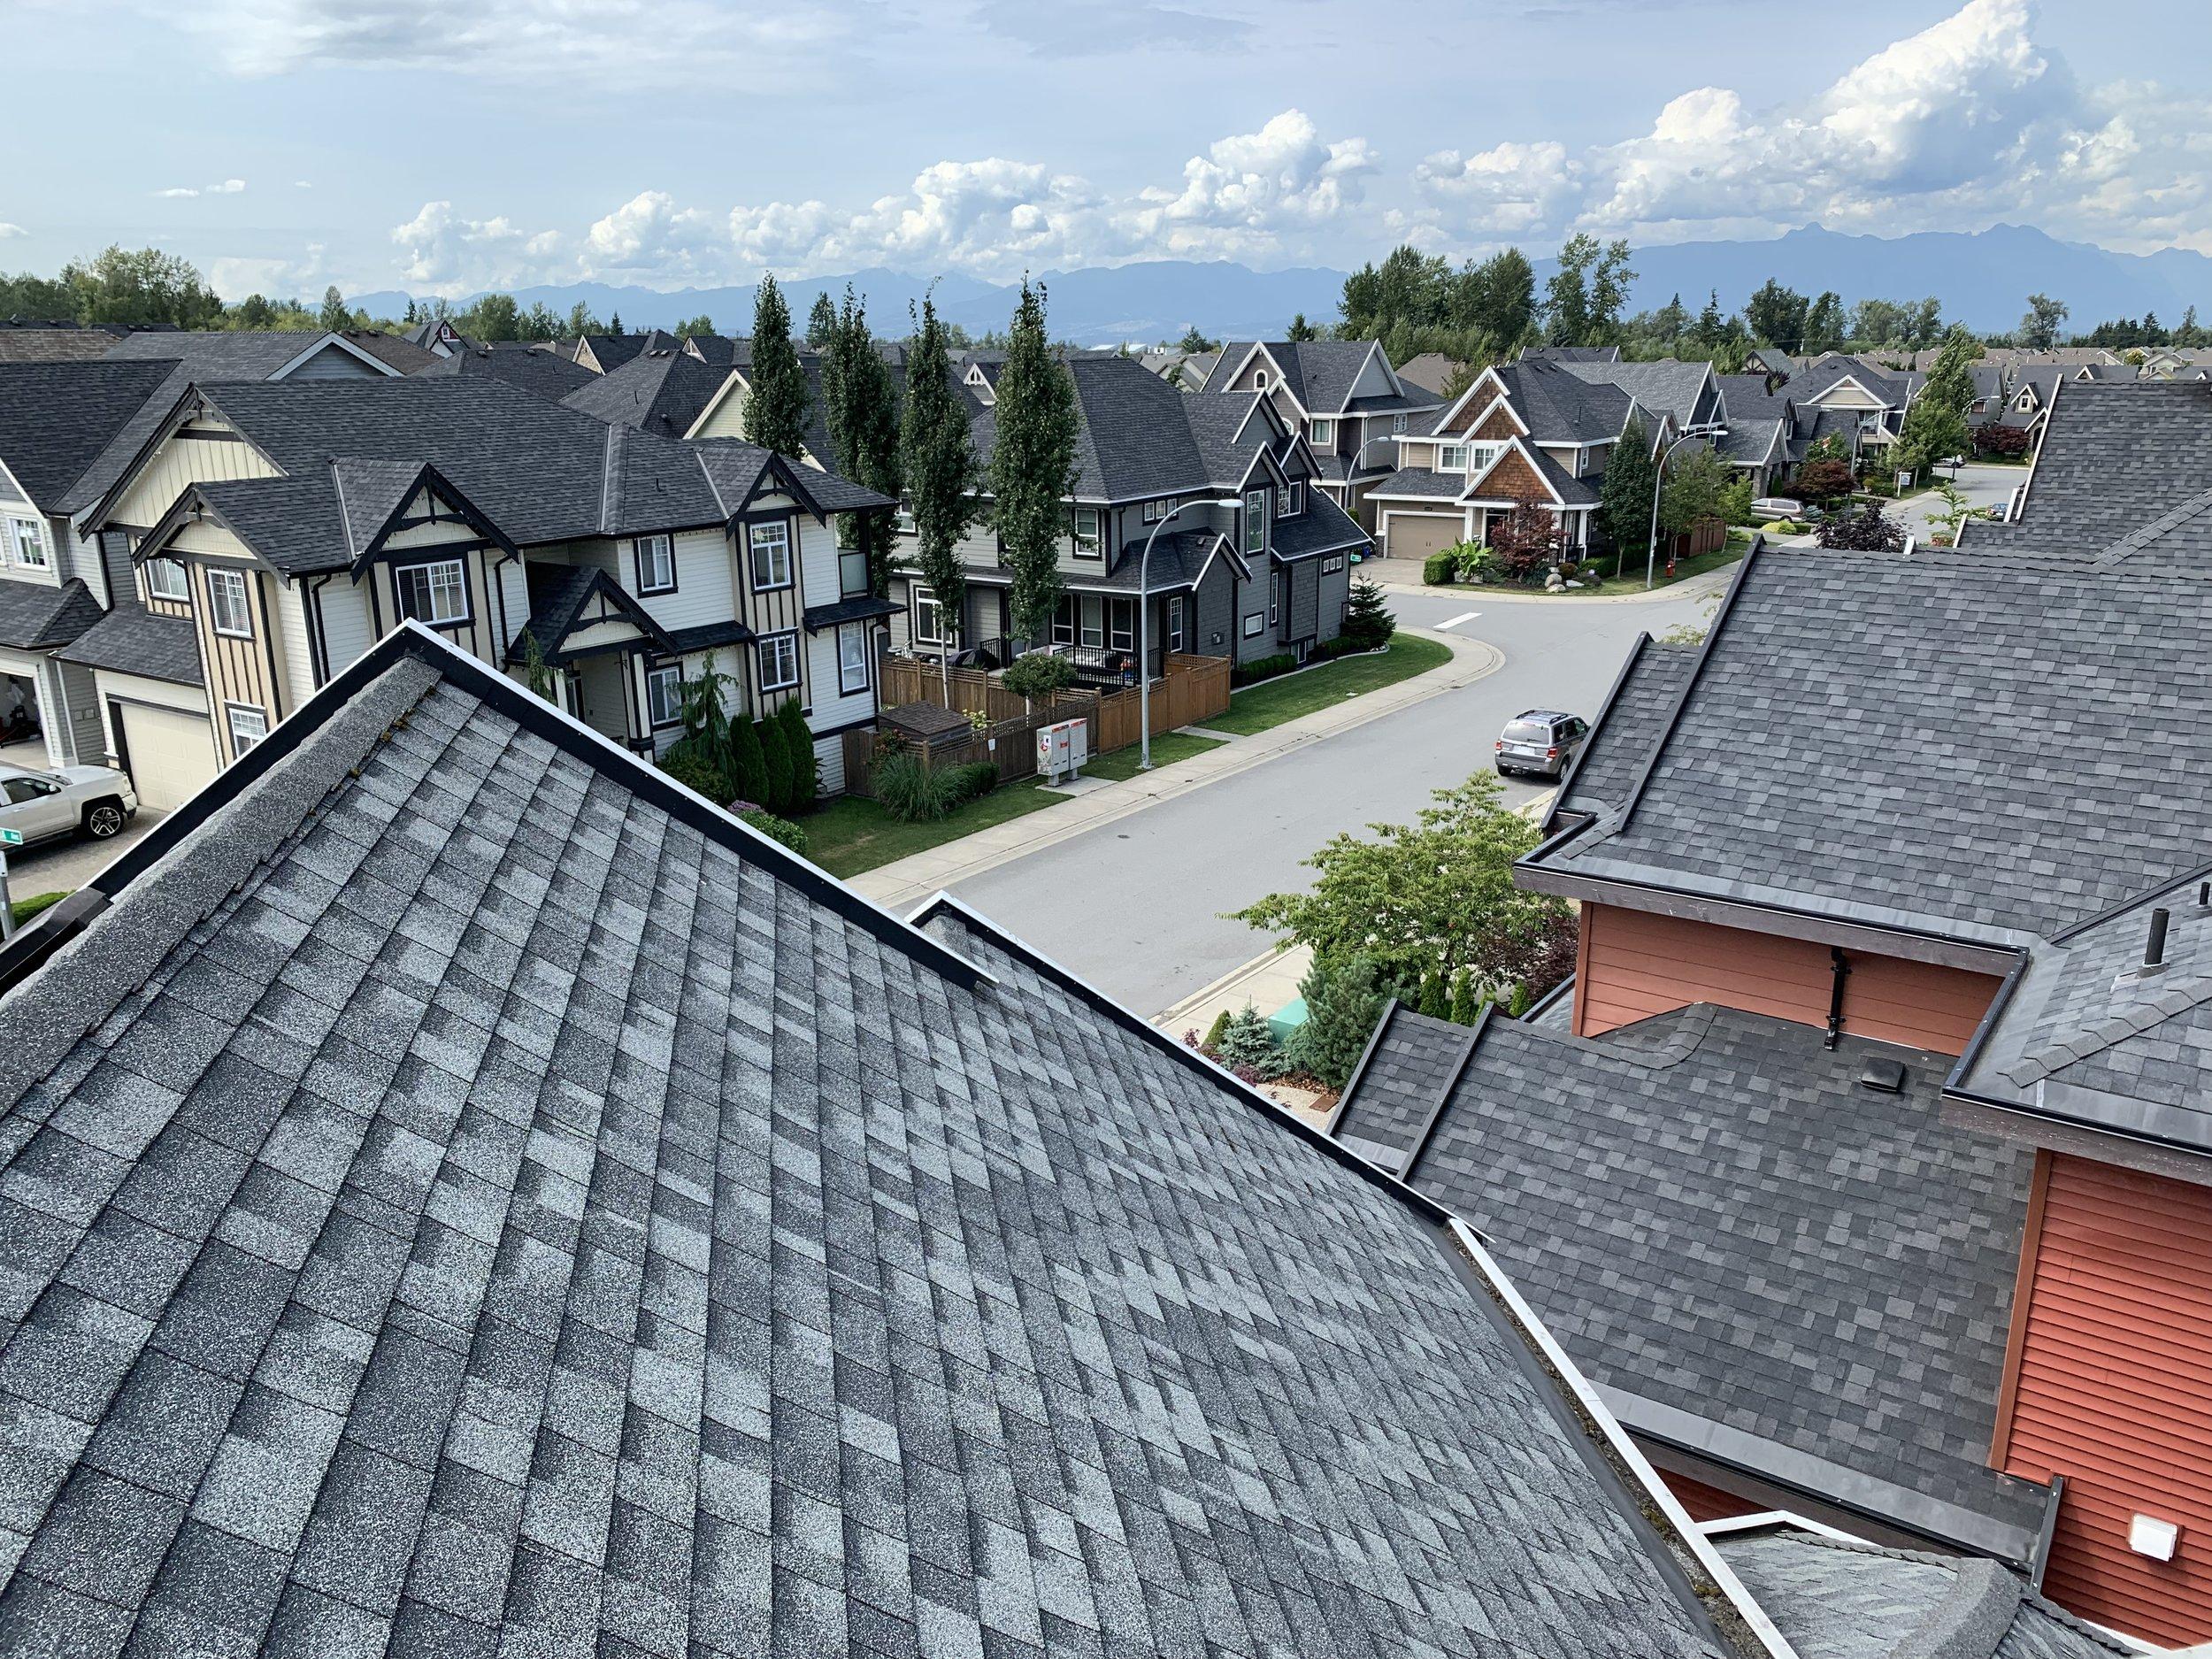 A rooftop view from a Langley neighbourhood